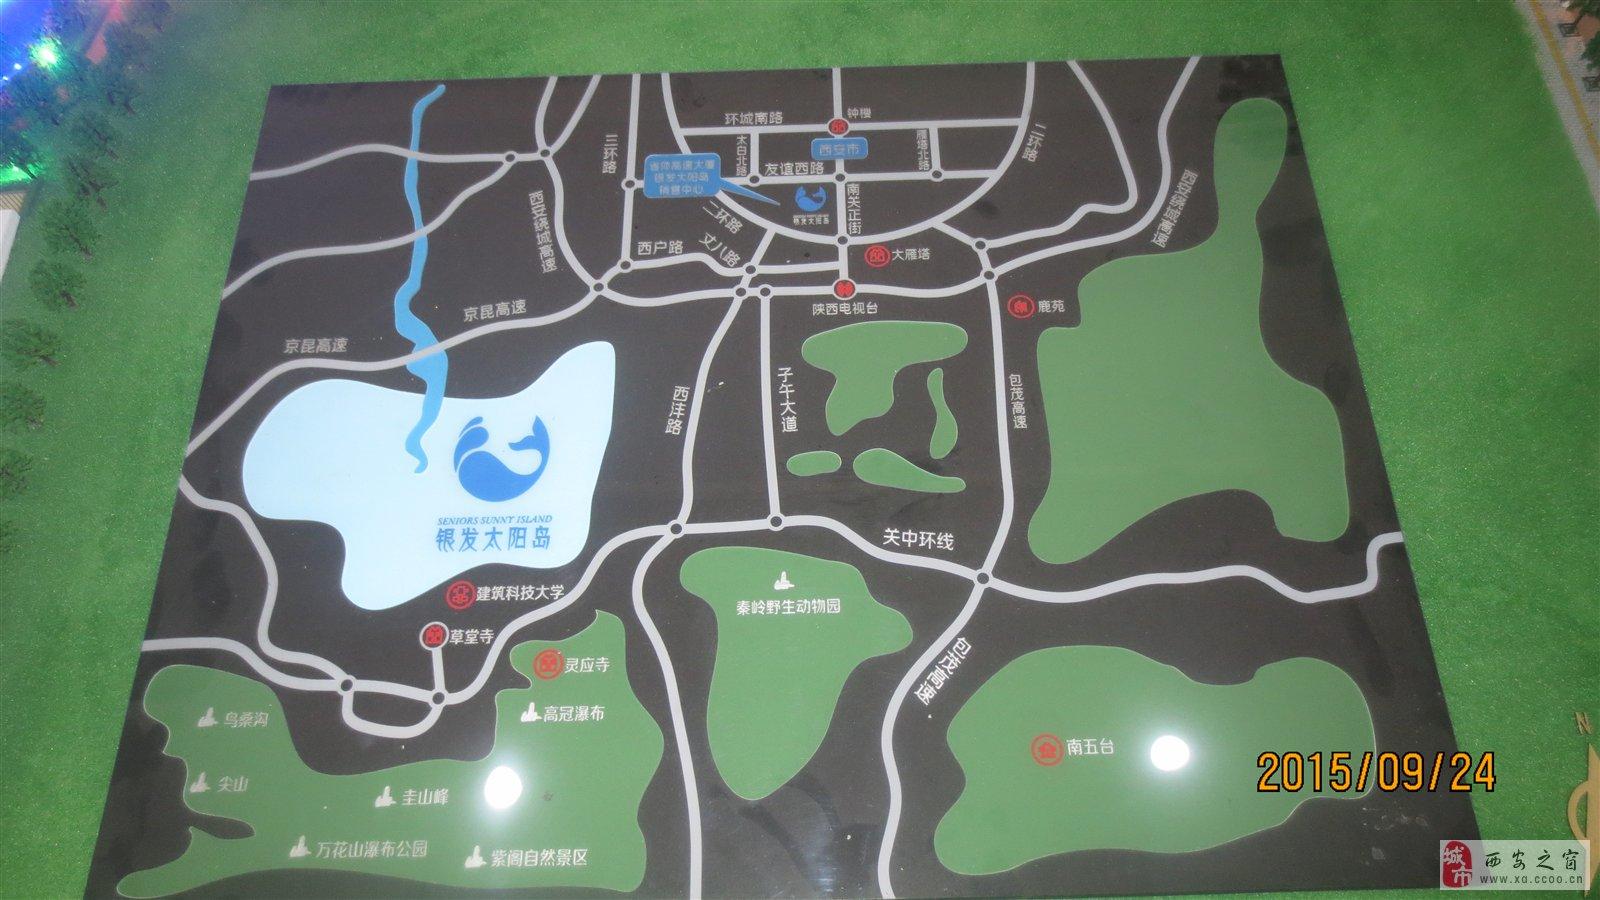 银发太阳岛是由中外30位60后教授历时10年创意打造的中国第一家享老地为退休生活提供时尚、品质、专业的全方位享老服务的独立机构,是国家老干部健康养生示范基地、国家健康产业示范基地、养老联盟西北基地、陕西省养游结合基地,同时也是西安健康管理职业学院(前身为西安亚太职业技术学院)附属实训、实习基地。(定位)银发太阳岛离城市不远,距乡村很近,坐落于西安市近郊环山旅游路草堂寺旁,南靠秦岭,北接万亩现代农业园区,东邻草堂东路和高档别墅群。区内紫沟河蜿蜒流淌,空气清新,环境雅静,是养生、休闲、度假绝佳去处。(区